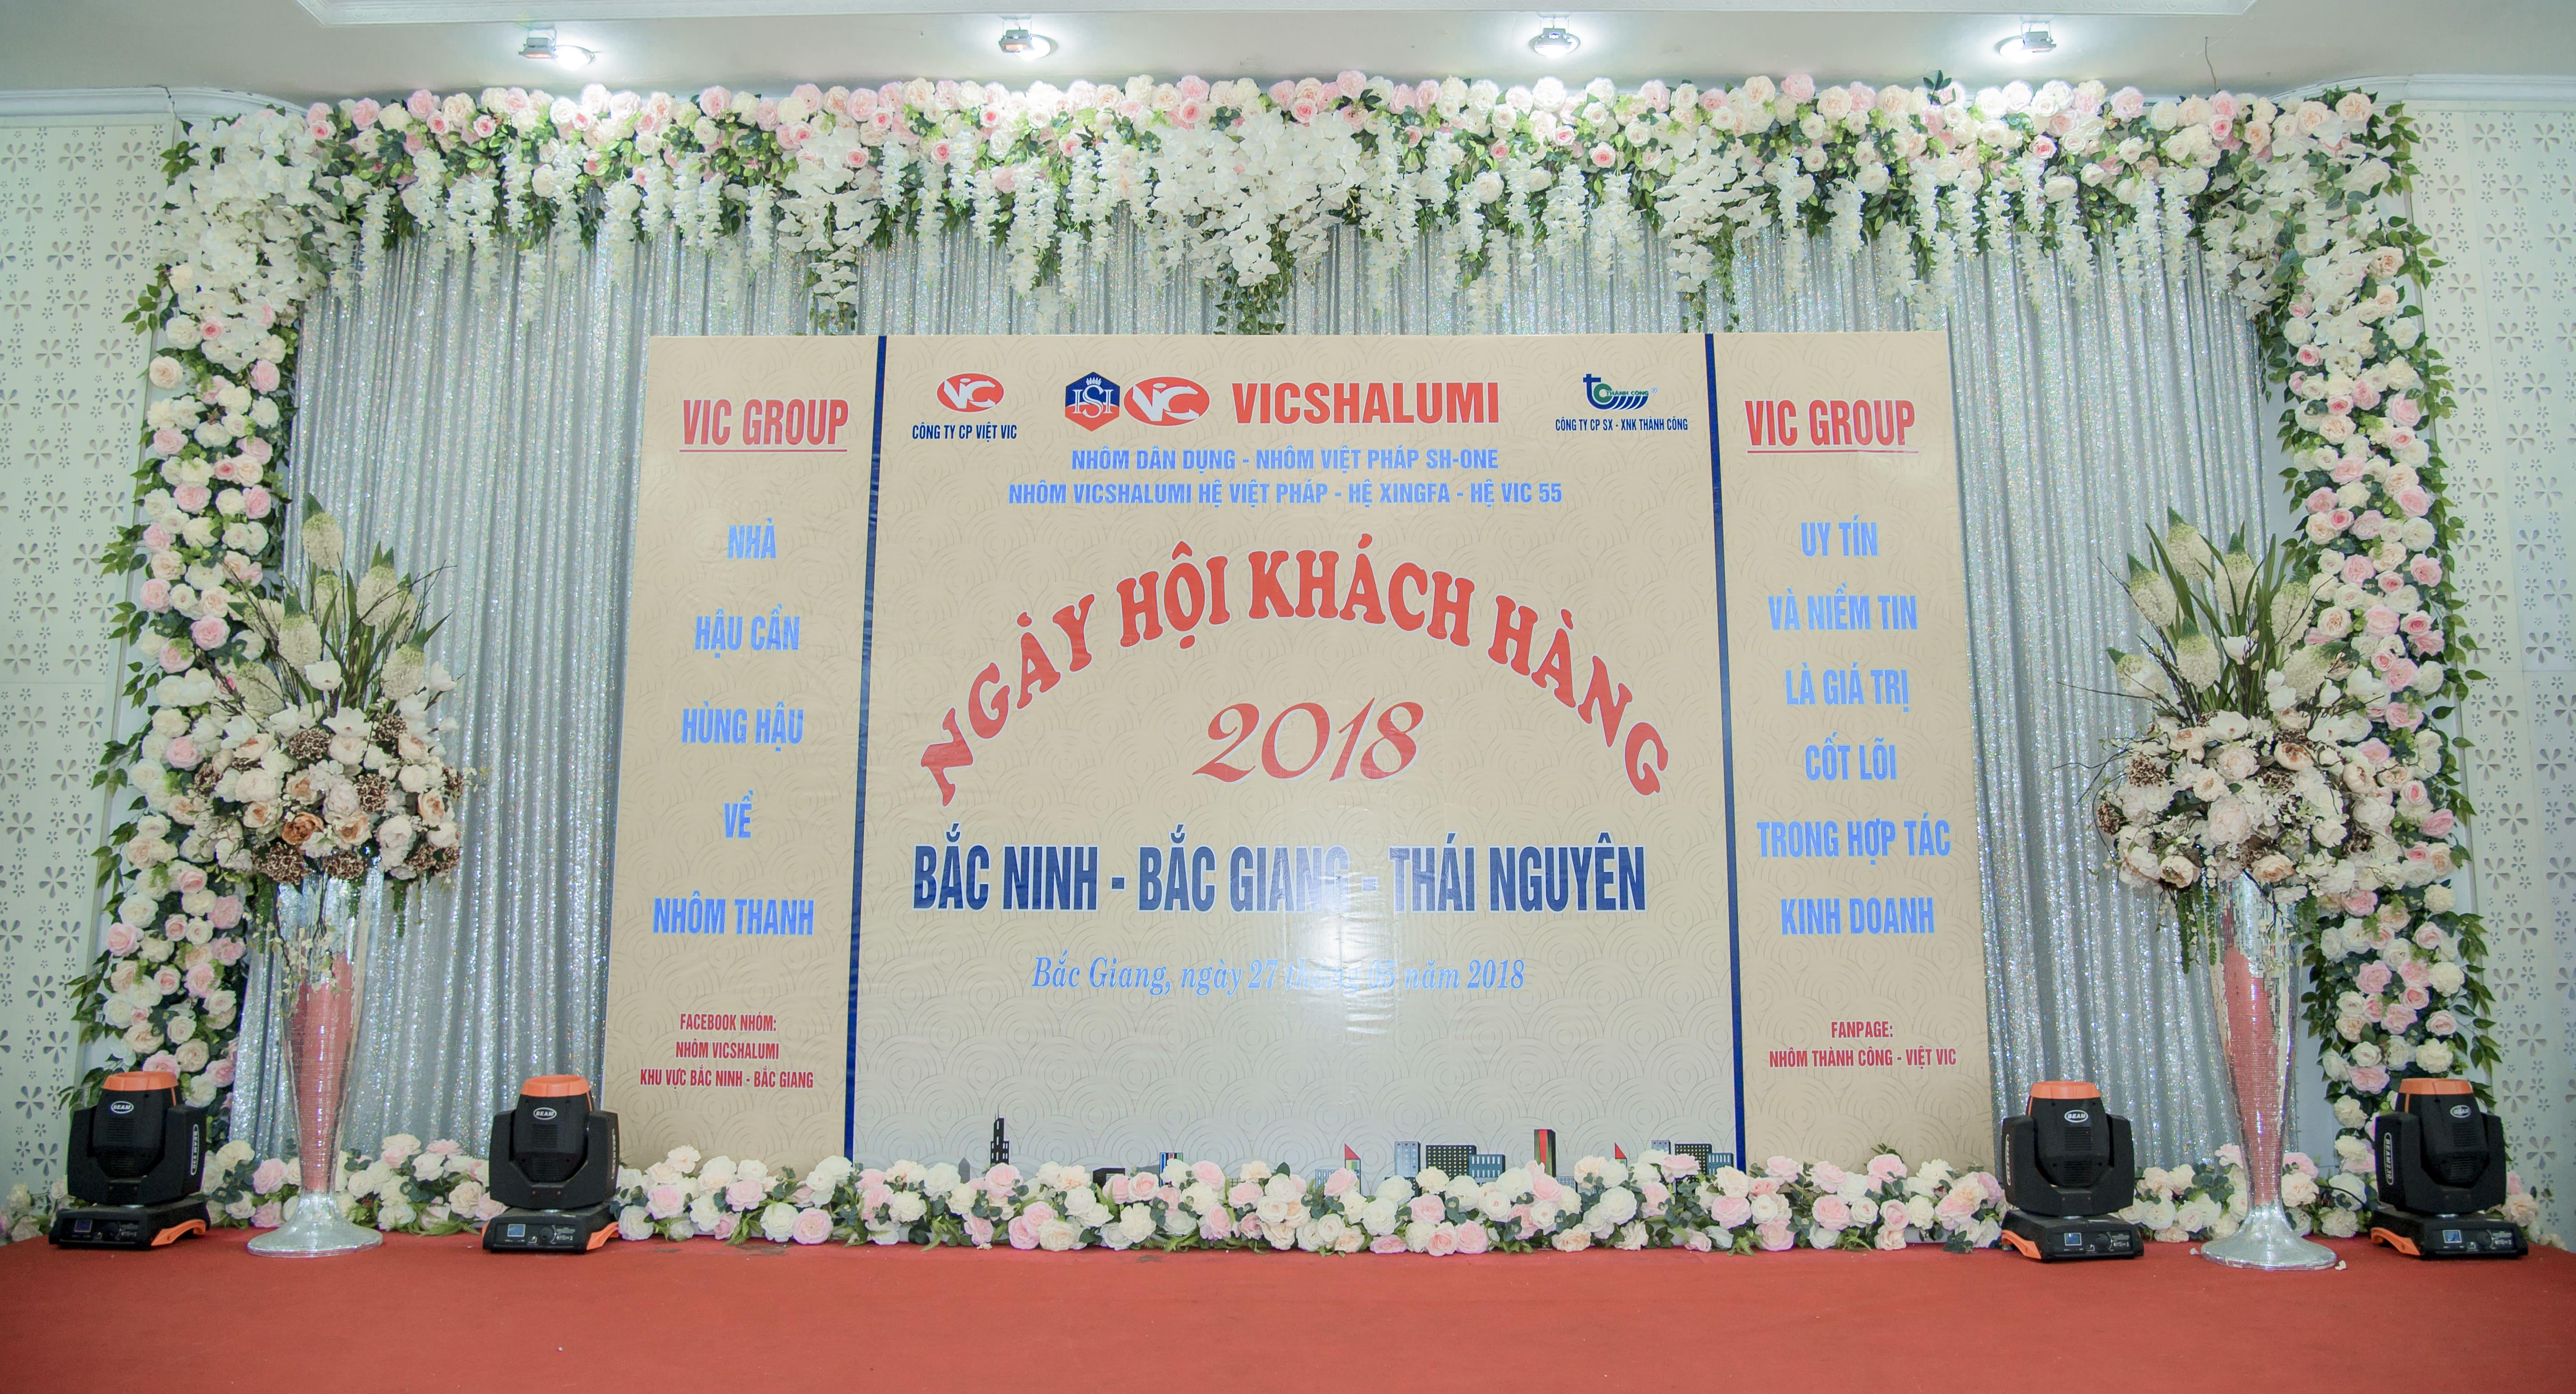 Sự Kiện Tháng 5 Của VIC GROUP Hội Tụ Khách Hàng 2 Tỉnh Bắc Ninh - Bắc Giang